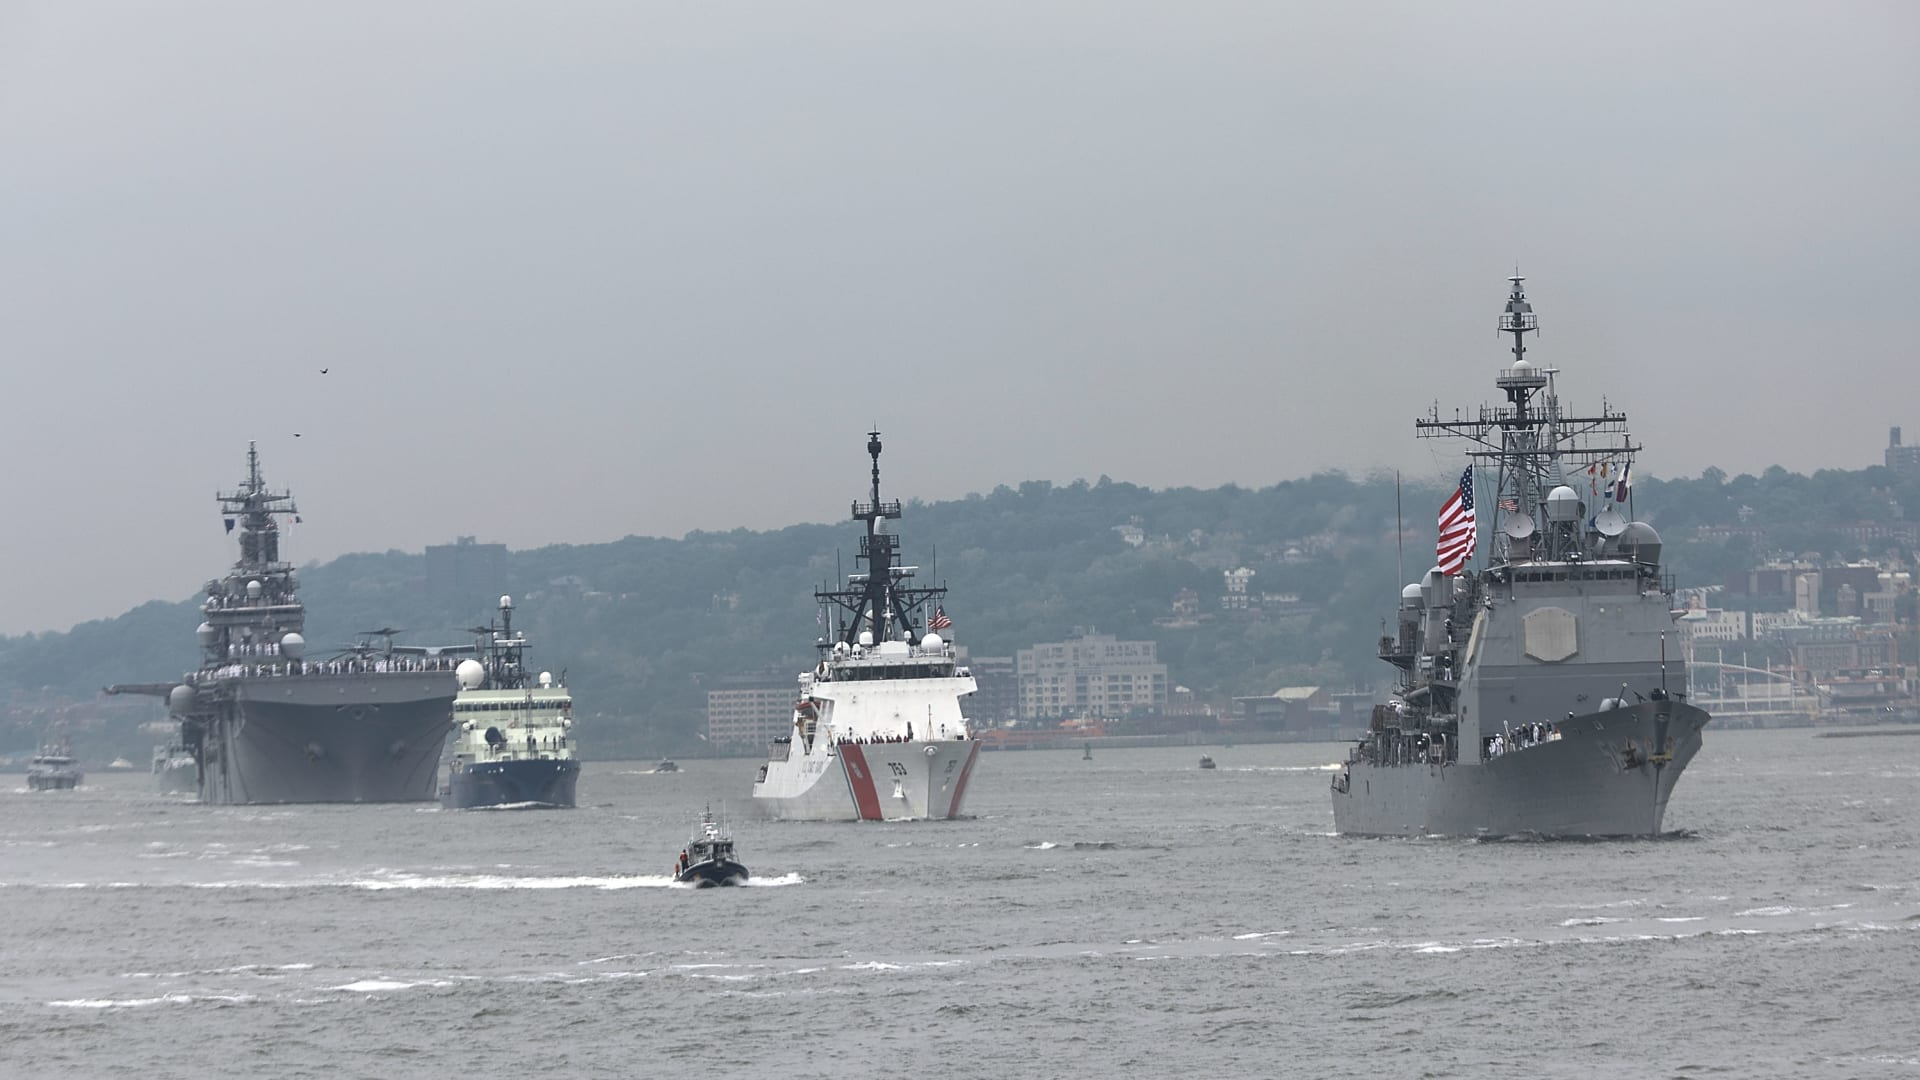 أمريكا تعزز أسطولها العسكري في البحر الأسود بعرض عضلات أمام روسيا